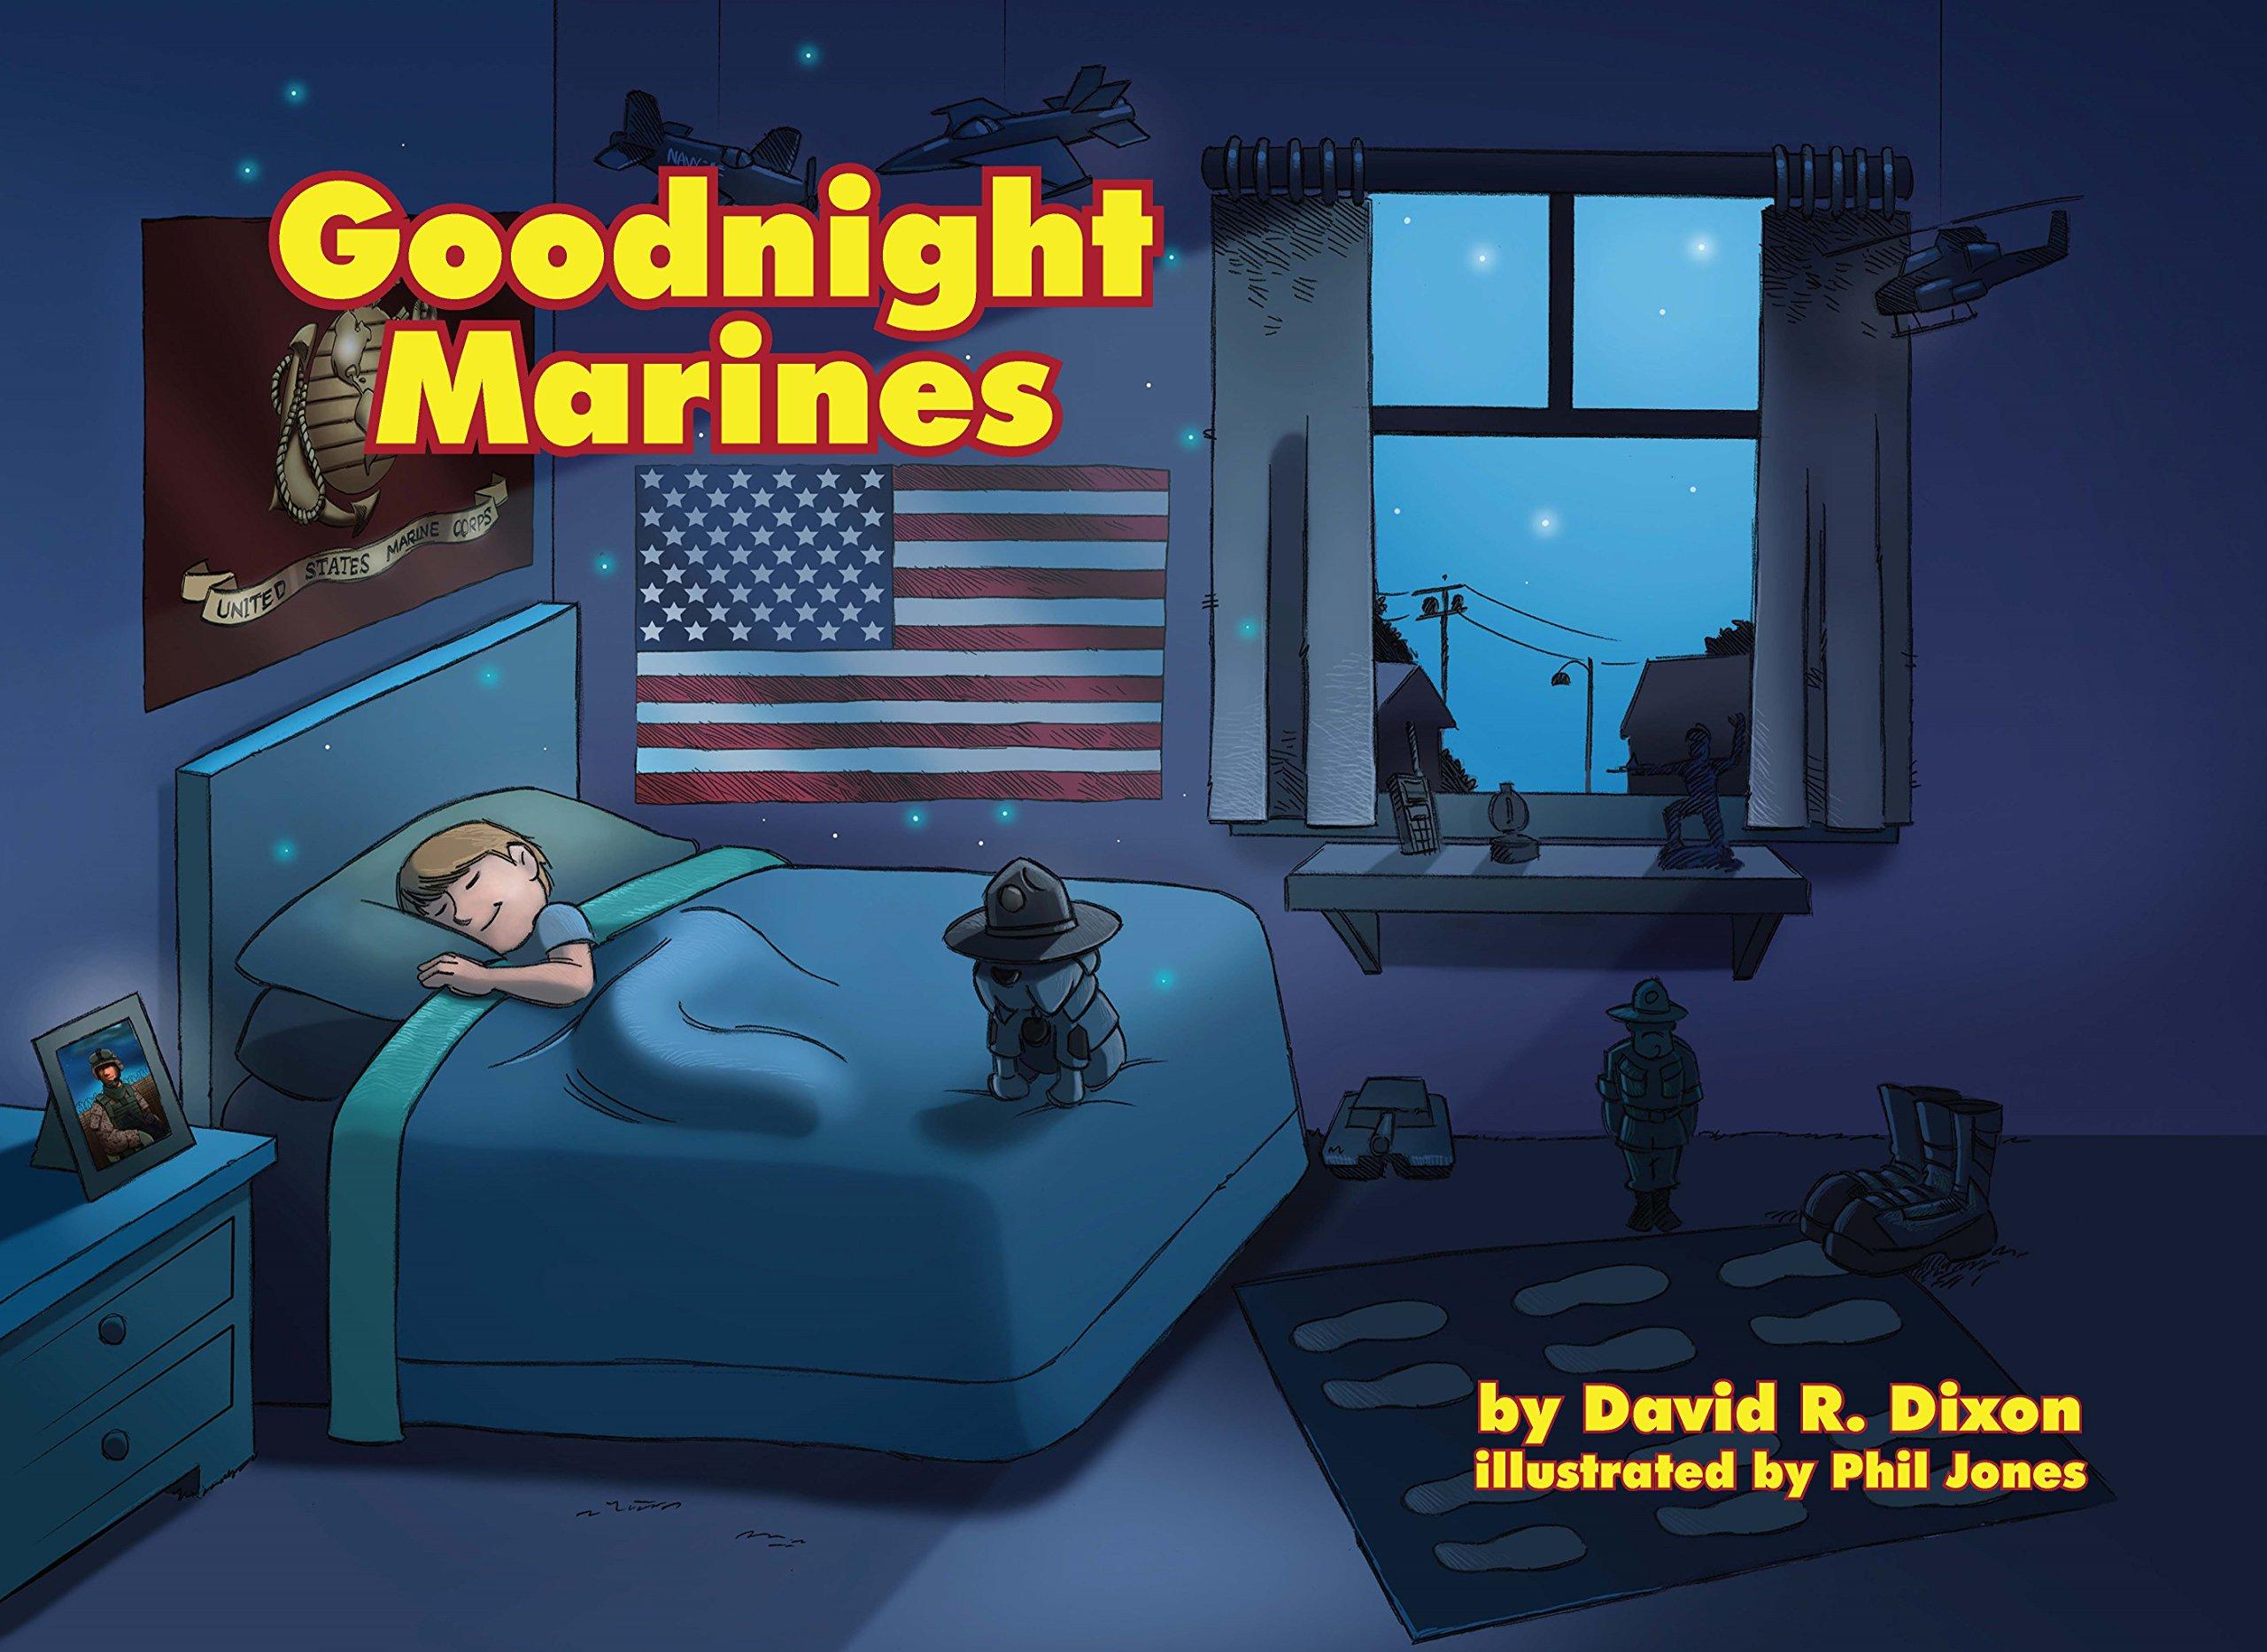 Goodnight marines david r dixon phil jones 9781941698020 amazon goodnight marines david r dixon phil jones 9781941698020 amazon books altavistaventures Images